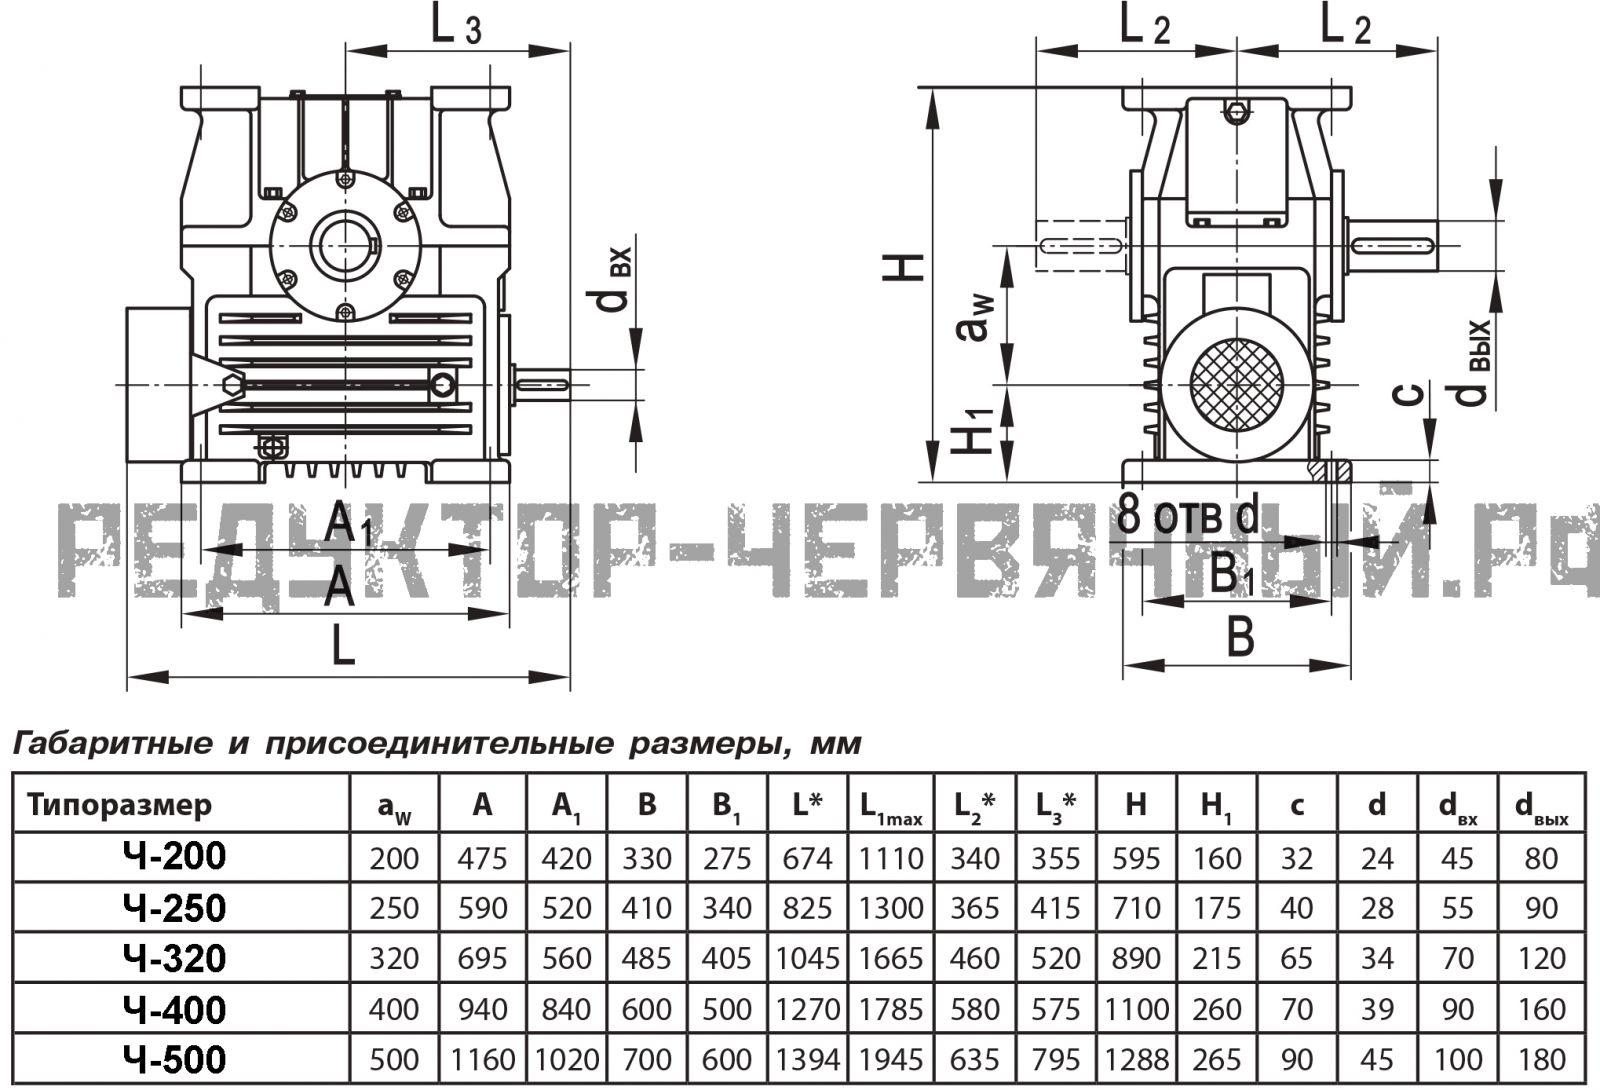 Чертеж редукторов Ч-200, Ч-250, Ч-320, Ч-400, Ч-500